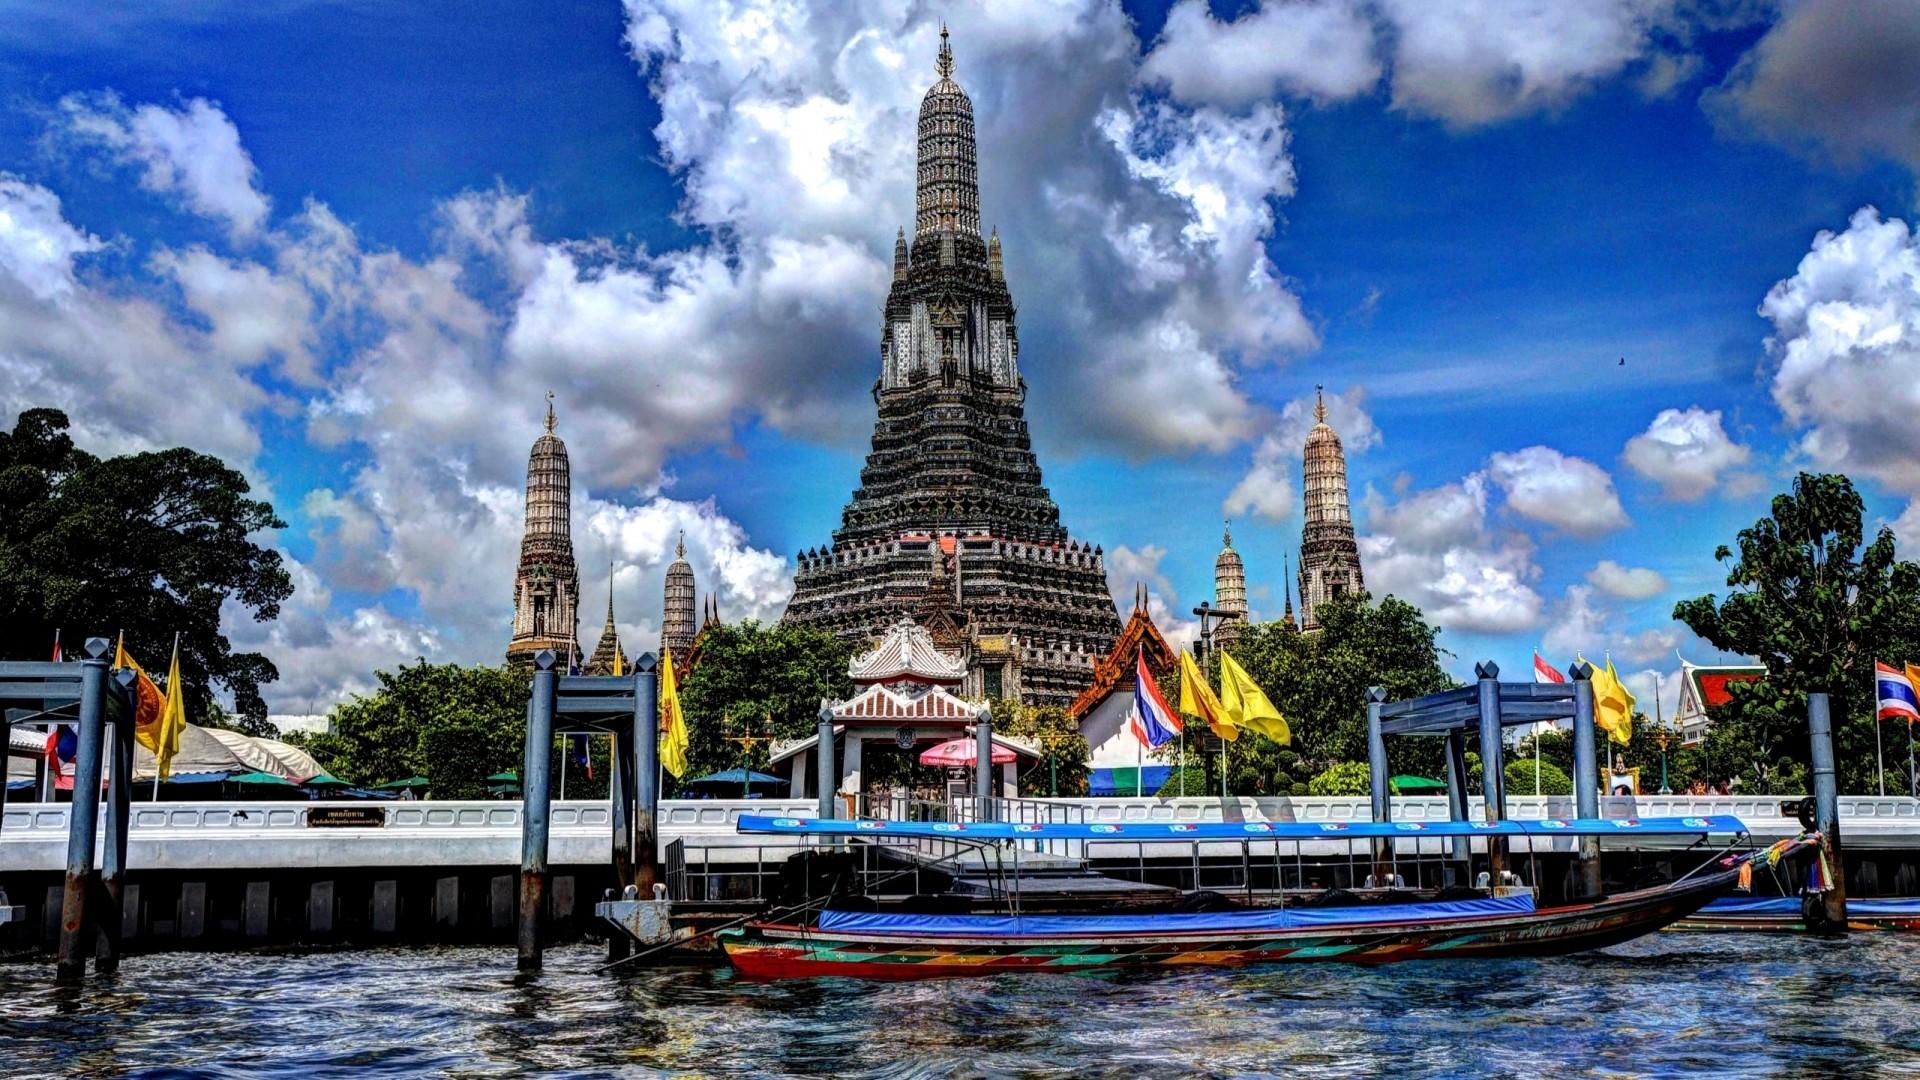 معبد وات پراکائو تایلند